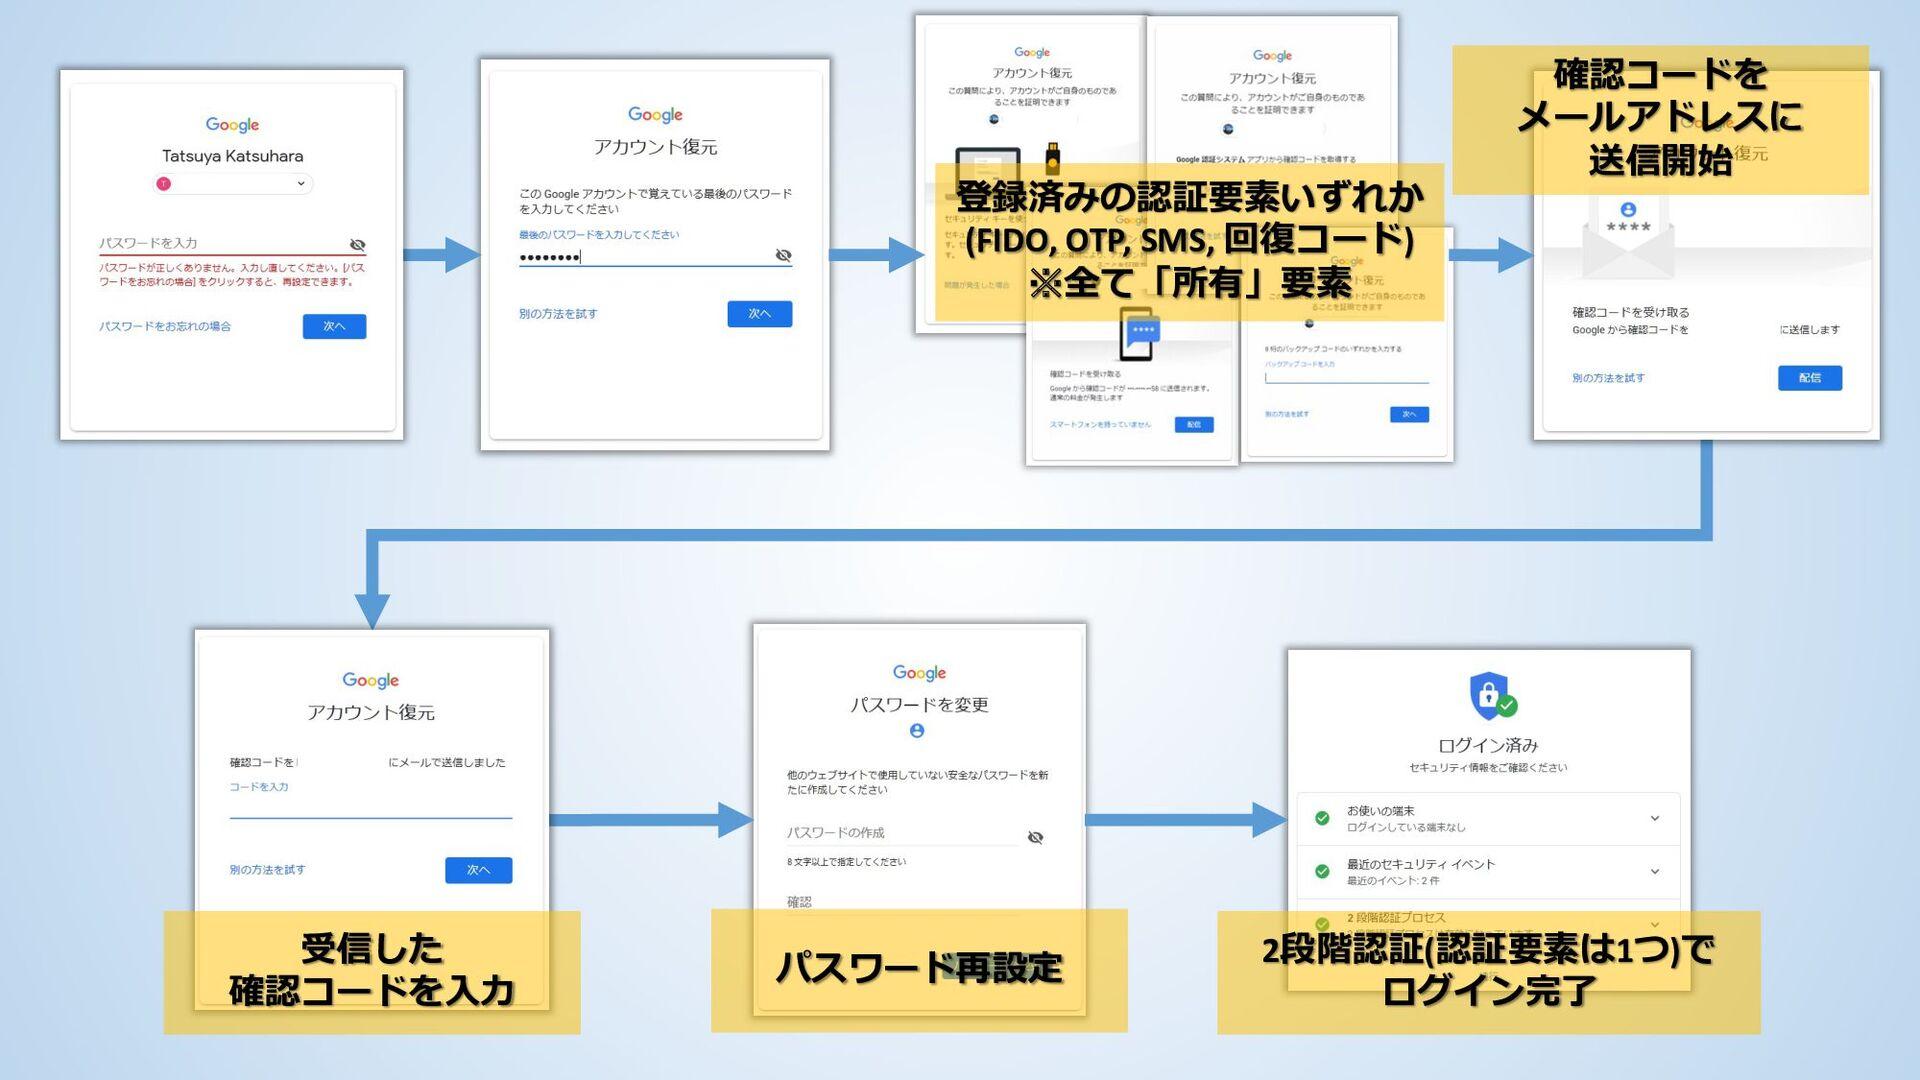 受信した 確認コードを入力 パスワード再設定 2段階認証(認証要素は1つ)で ログイン完了 確...